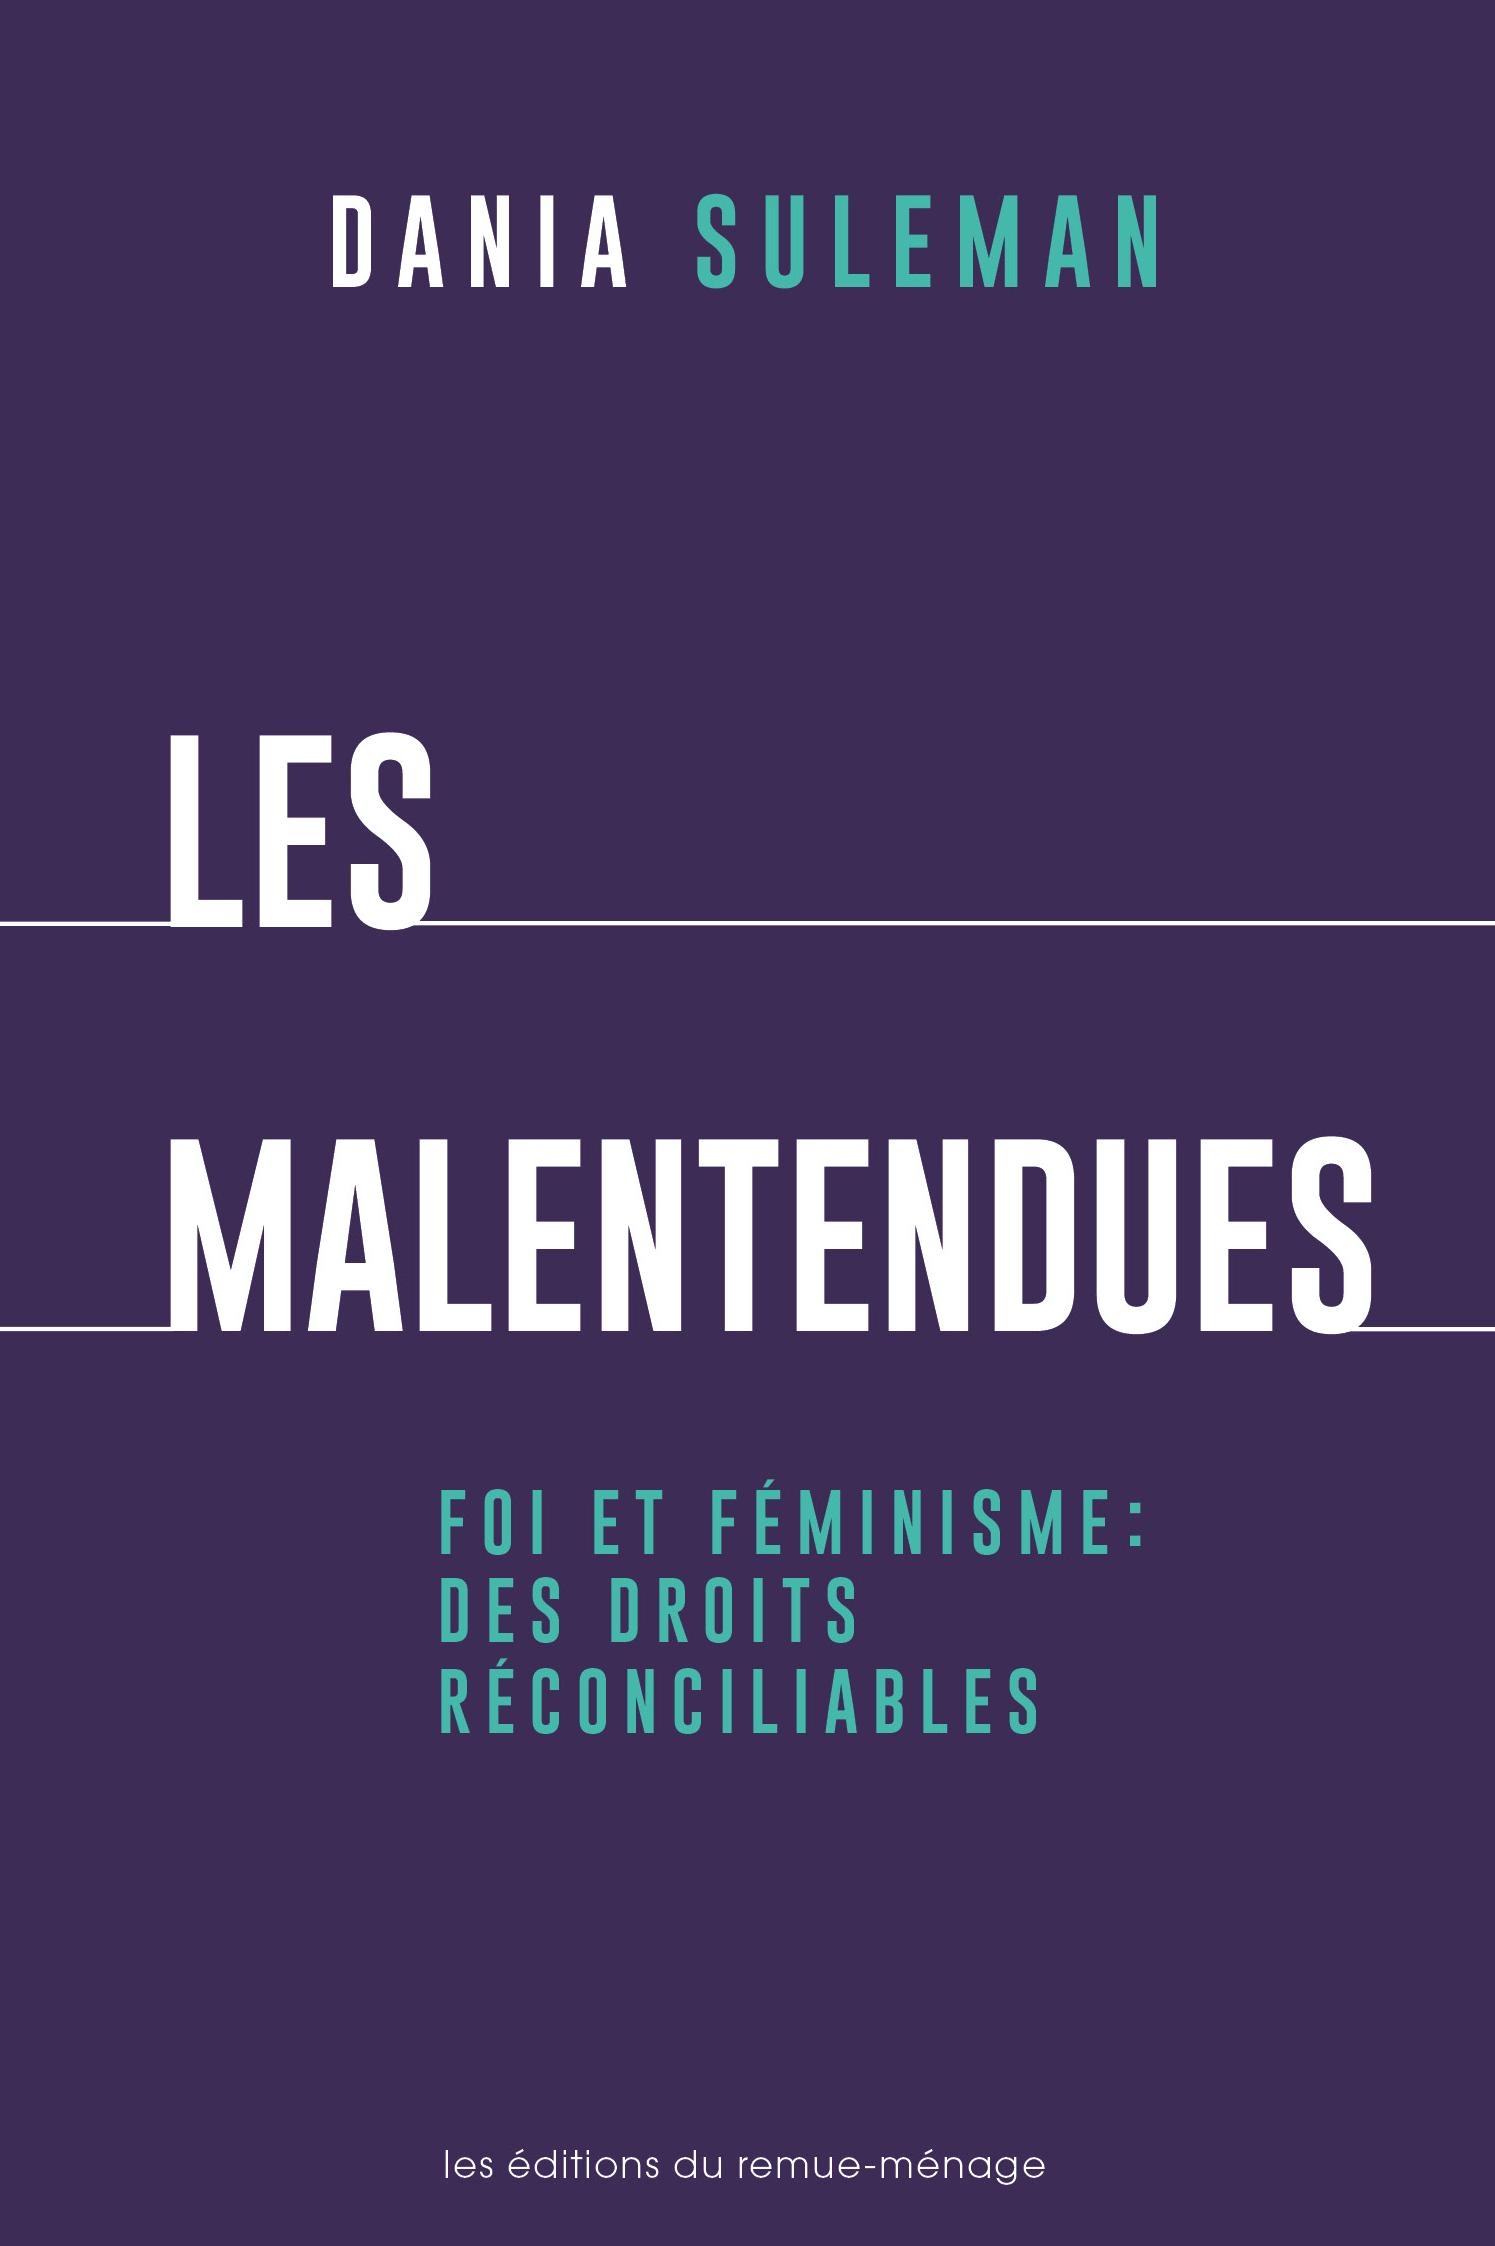 D. Suleman, Les malentendues. Foi et féminisme : des droits réconcilliables